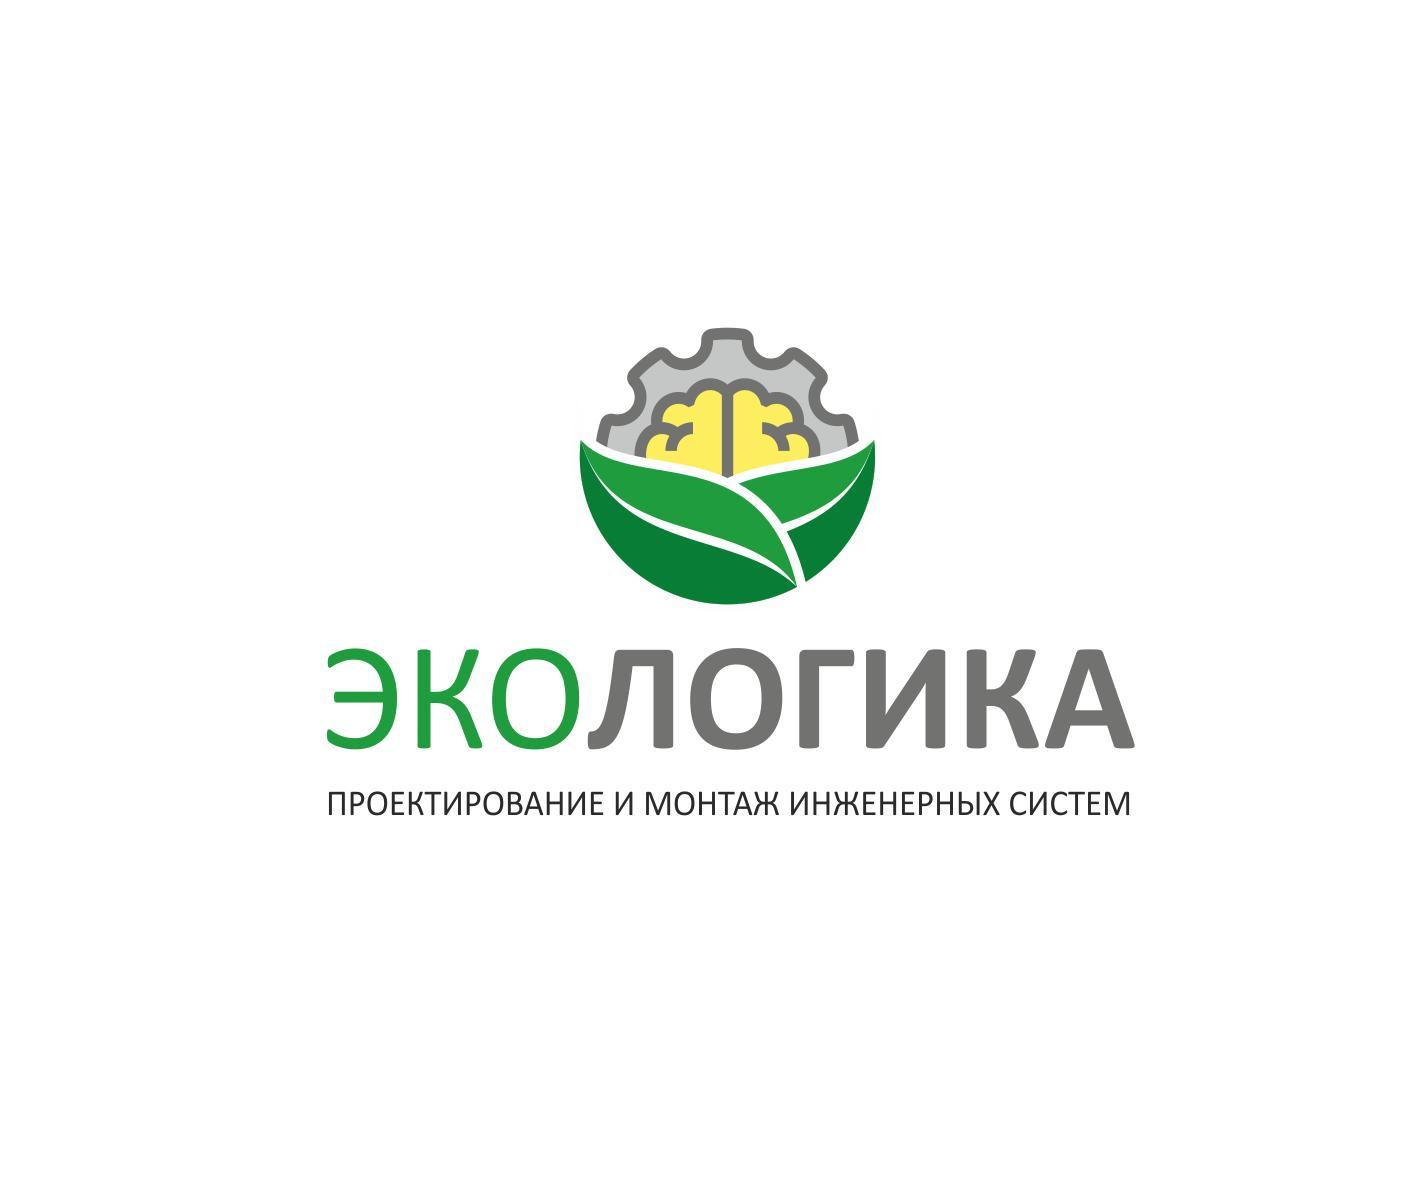 Логотип ЭКОЛОГИКА фото f_5145937e4657a7e4.jpg